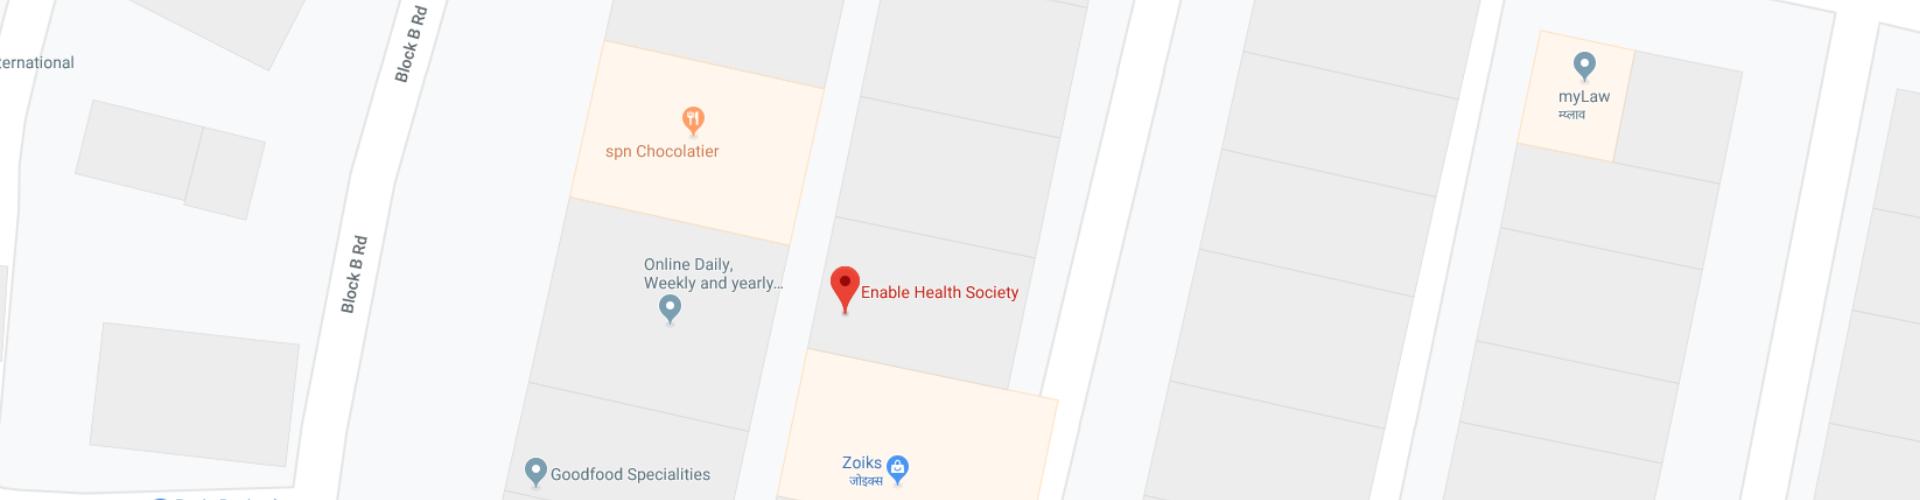 ehs-map